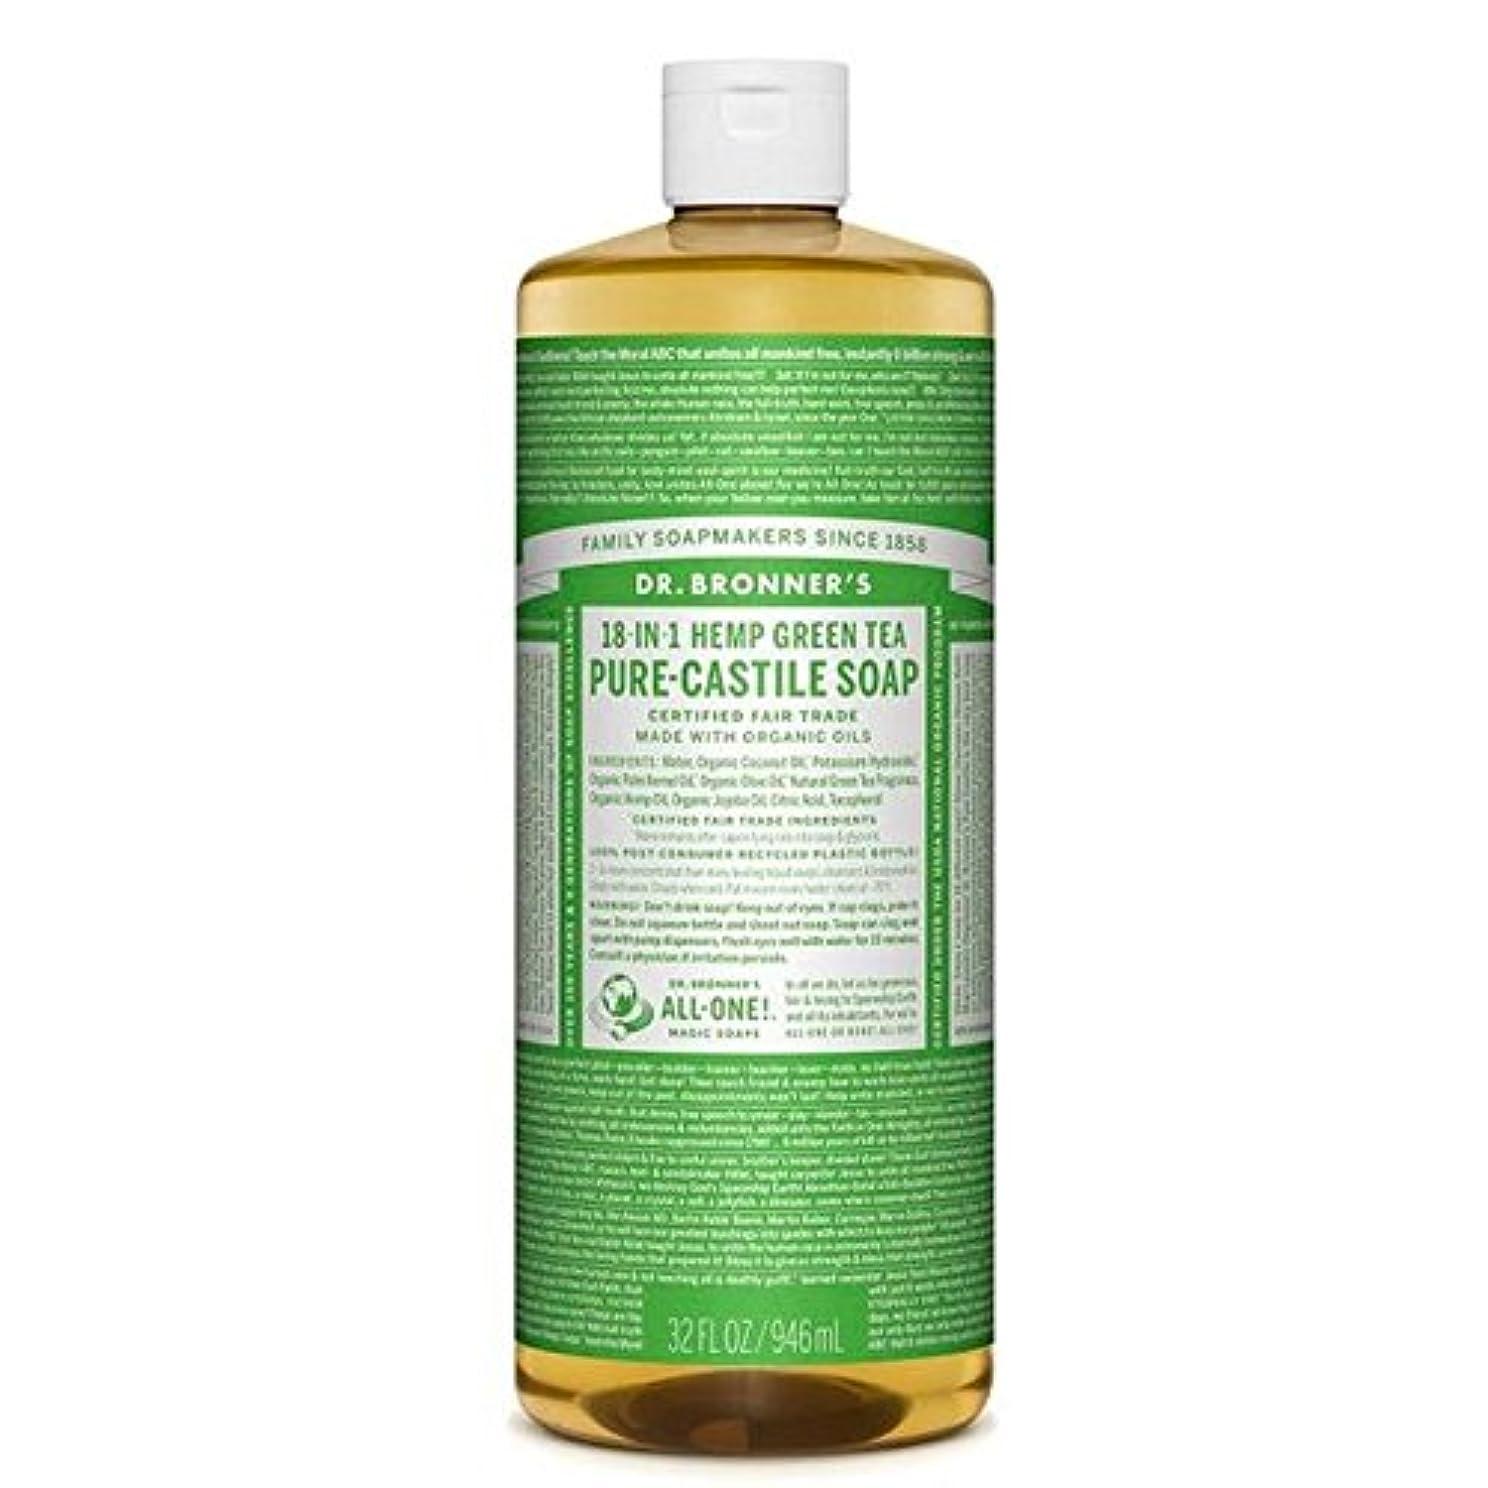 強調振動させる影響のブロナー有機緑茶カスティーリャ液体石鹸946ミリリットル x2 - Dr Bronner Organic Green Tea Castile Liquid Soap 946ml (Pack of 2) [並行輸入品]